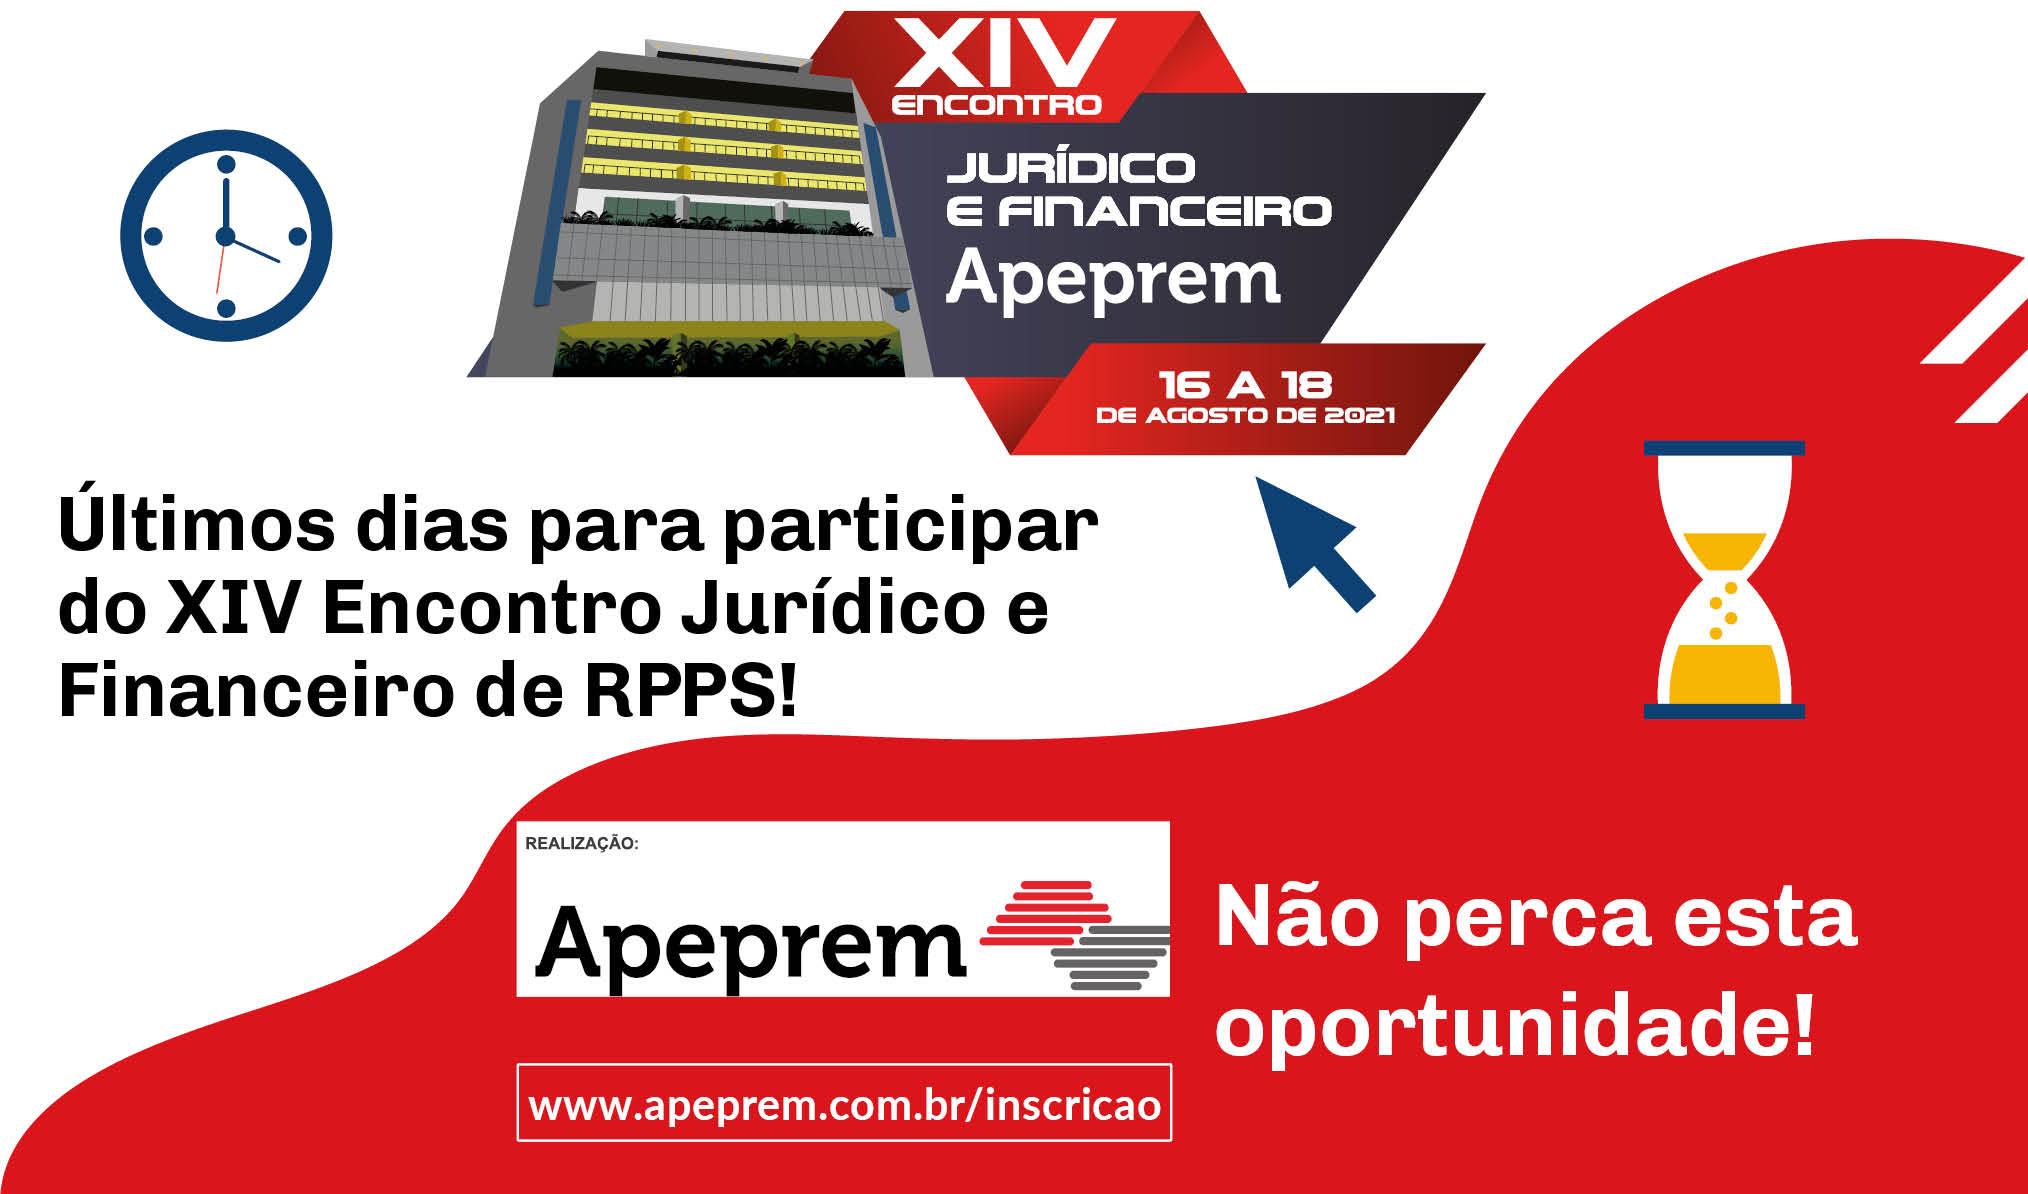 Últimos dias de Inscrição para participar do XIV Encontro Jurídico e Financeiro da Apeprem